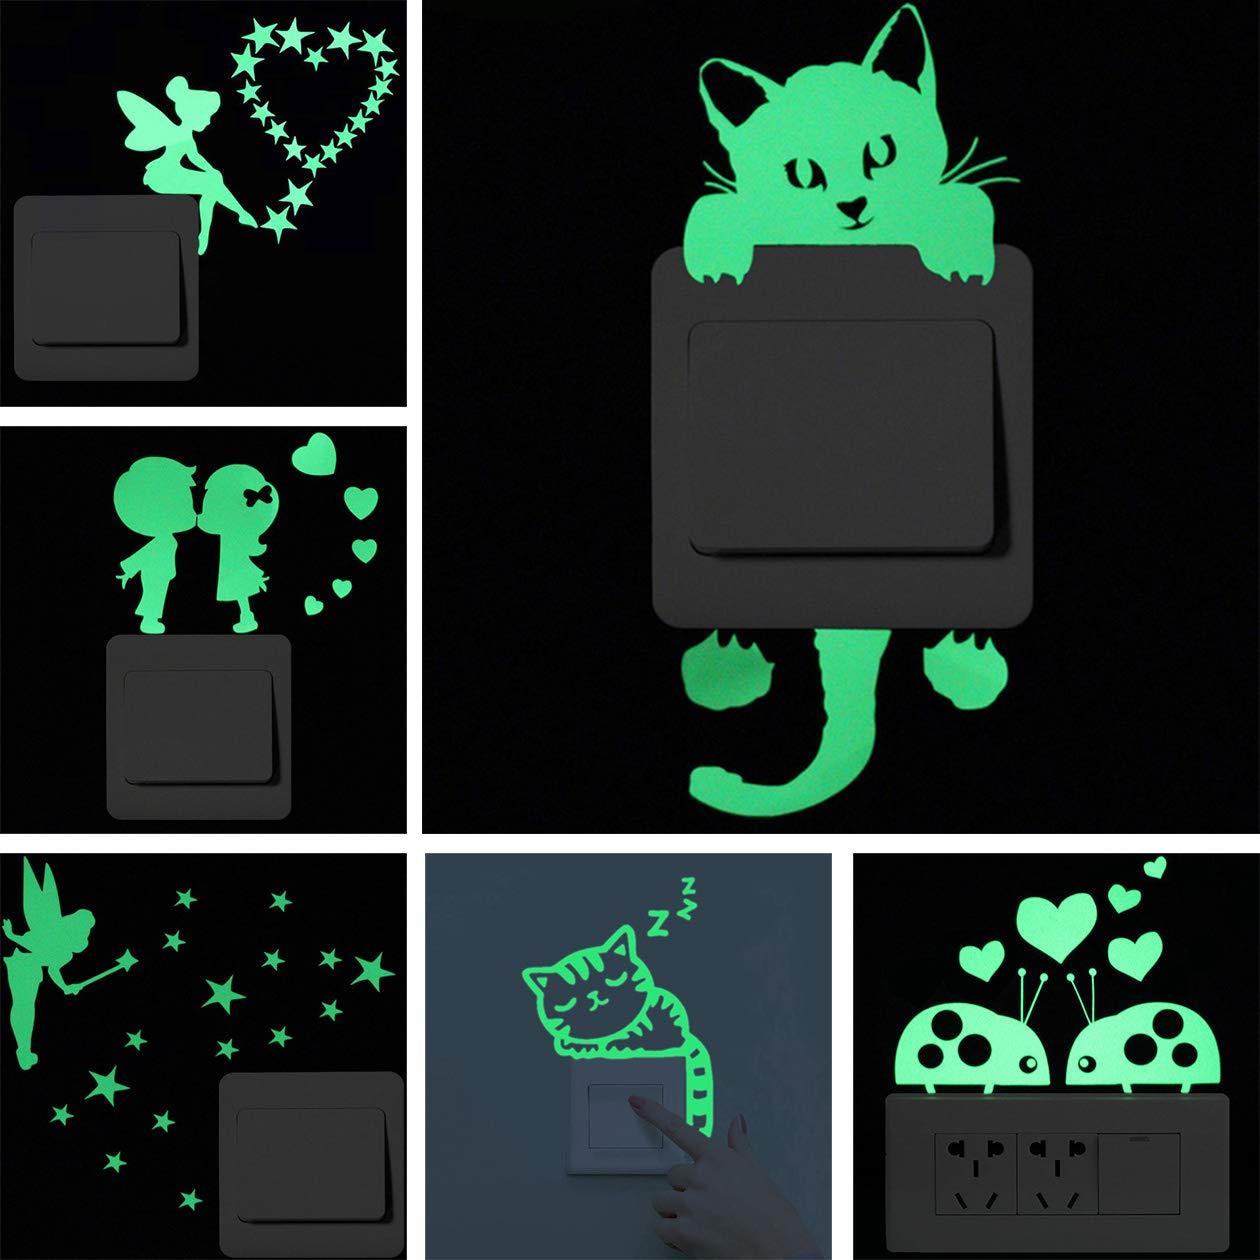 6 Pezzi Interruttore Adesivi,Toycc Adesivo vinilico decorativo da parete/vetro/porta, gatto,Fata in piedi,Fata seduta,Coppia di scarabeo,Gatto addormentato,Lovers motivo